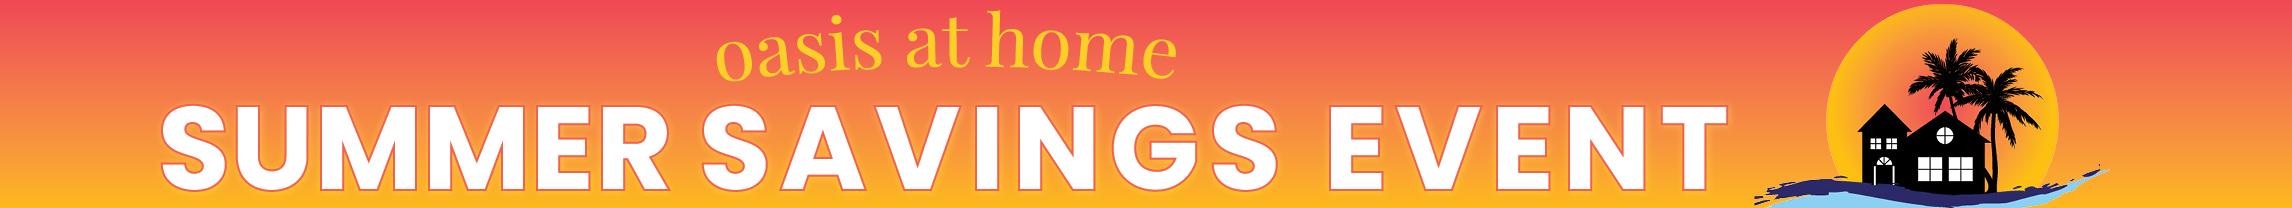 2020 Summer Savings Event Banner